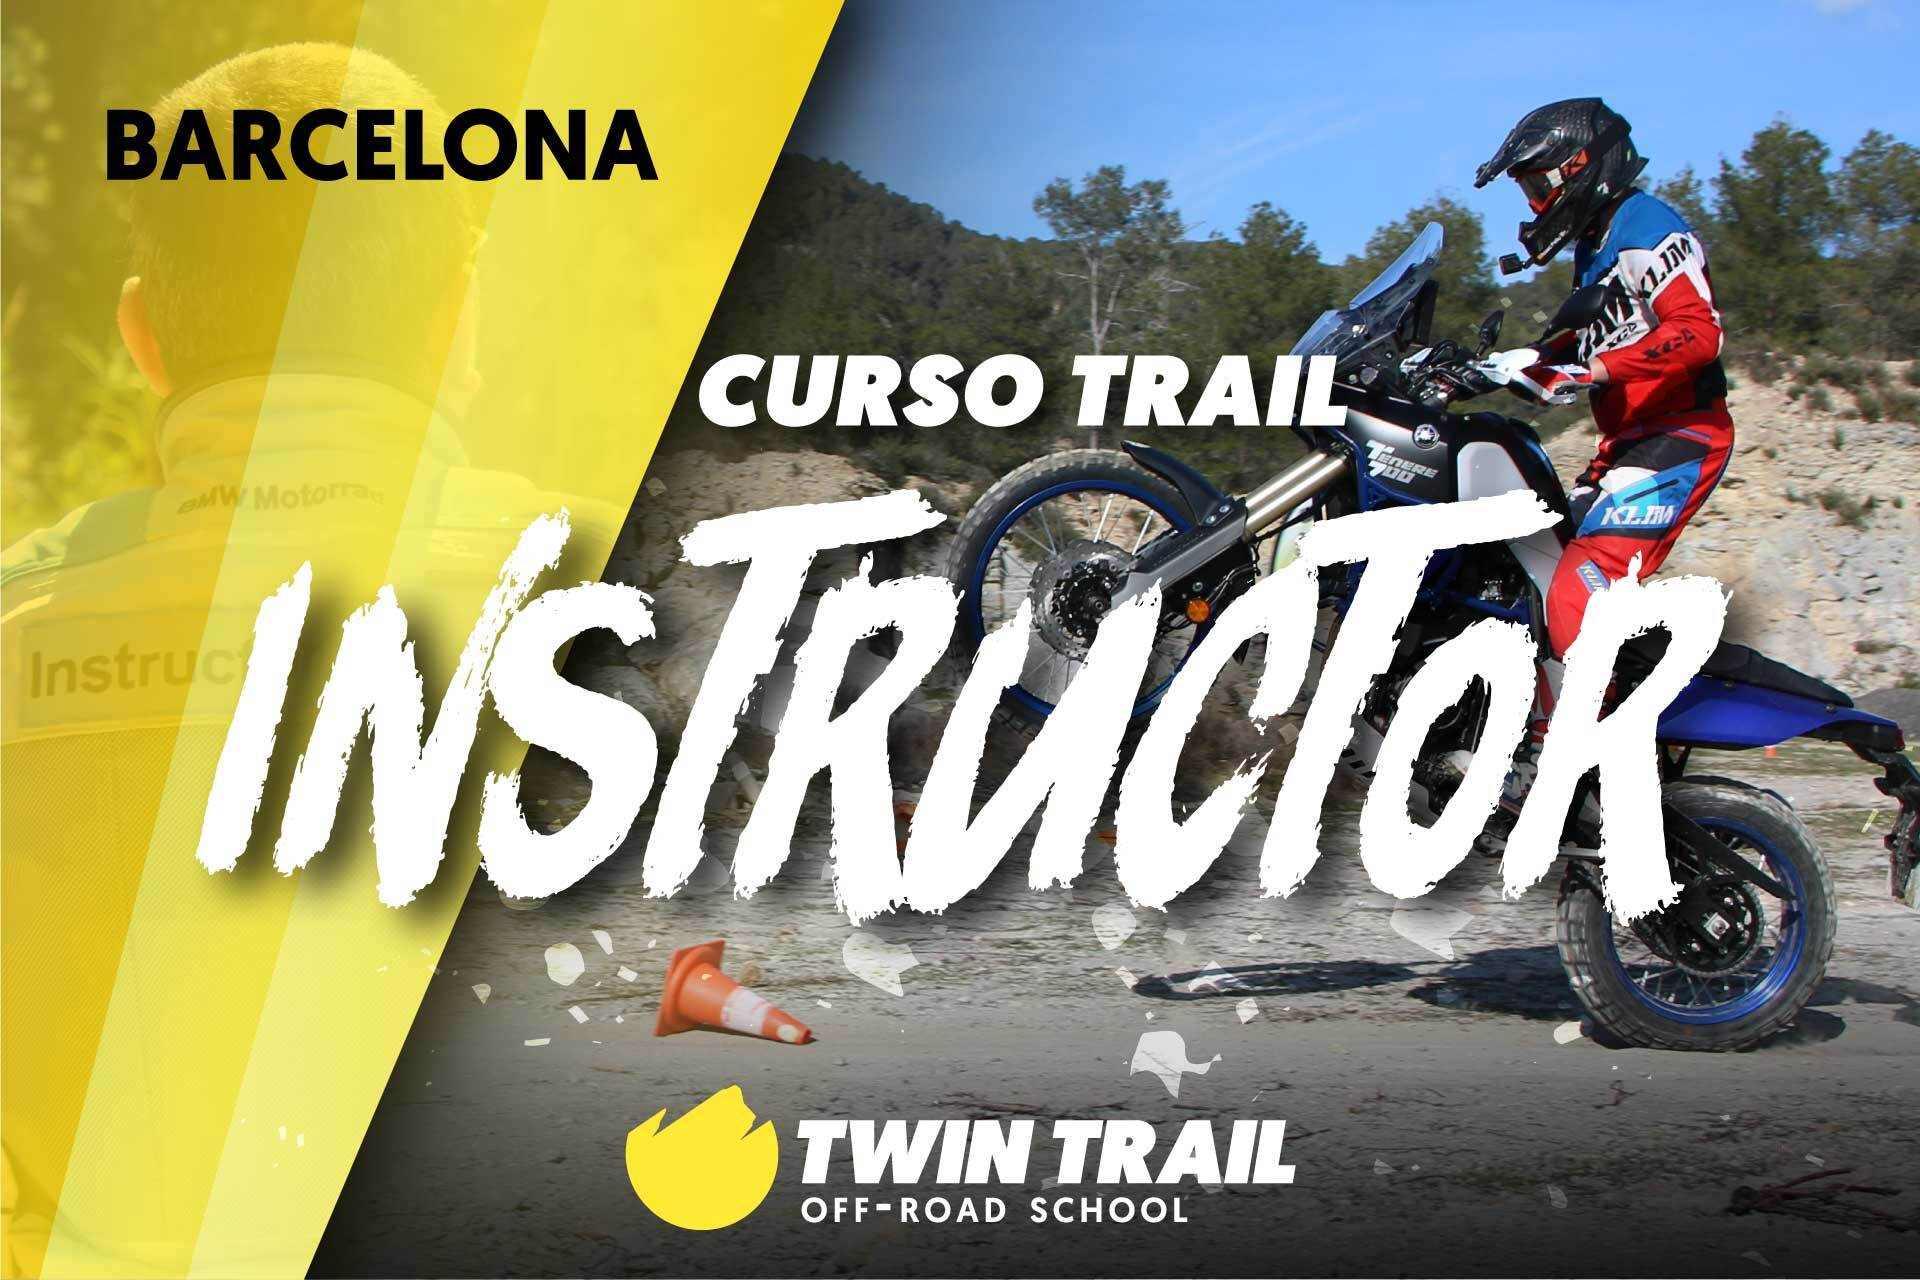 Cursos Trail